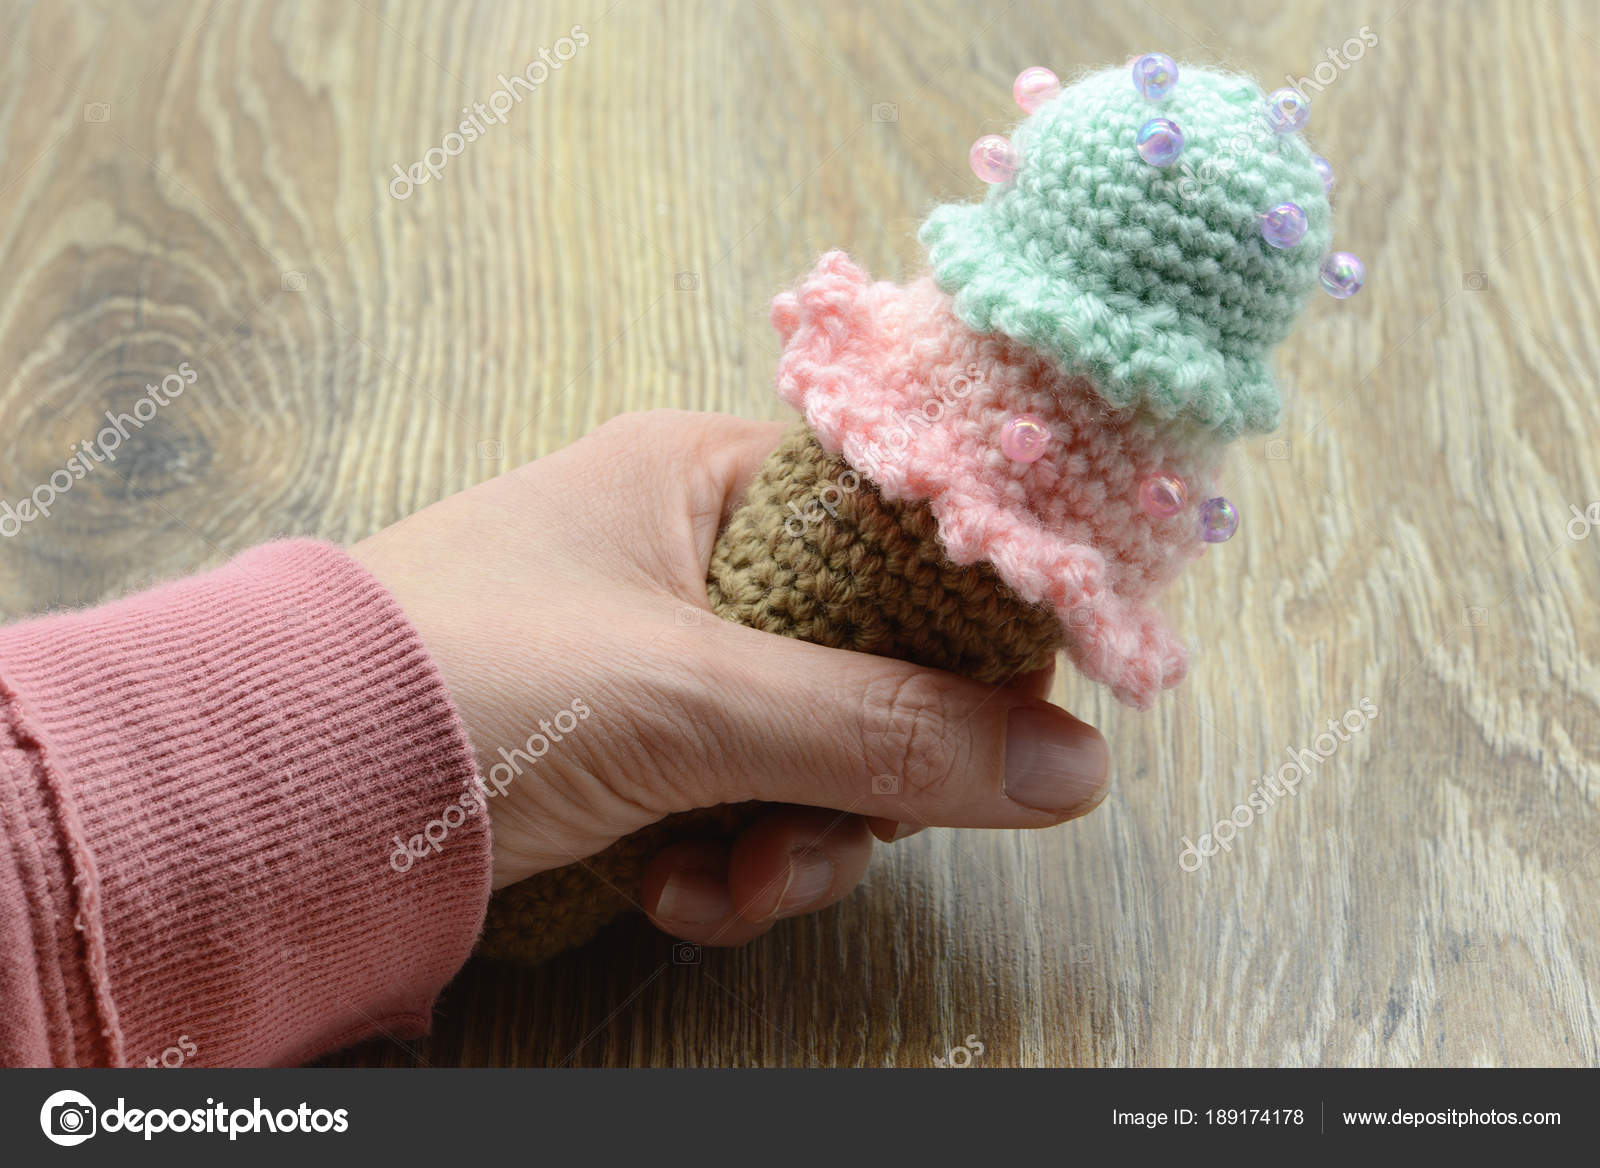 Hand Halten Eiswaffel Häkeln Wolle Auf Tisch Gemacht Stockfoto